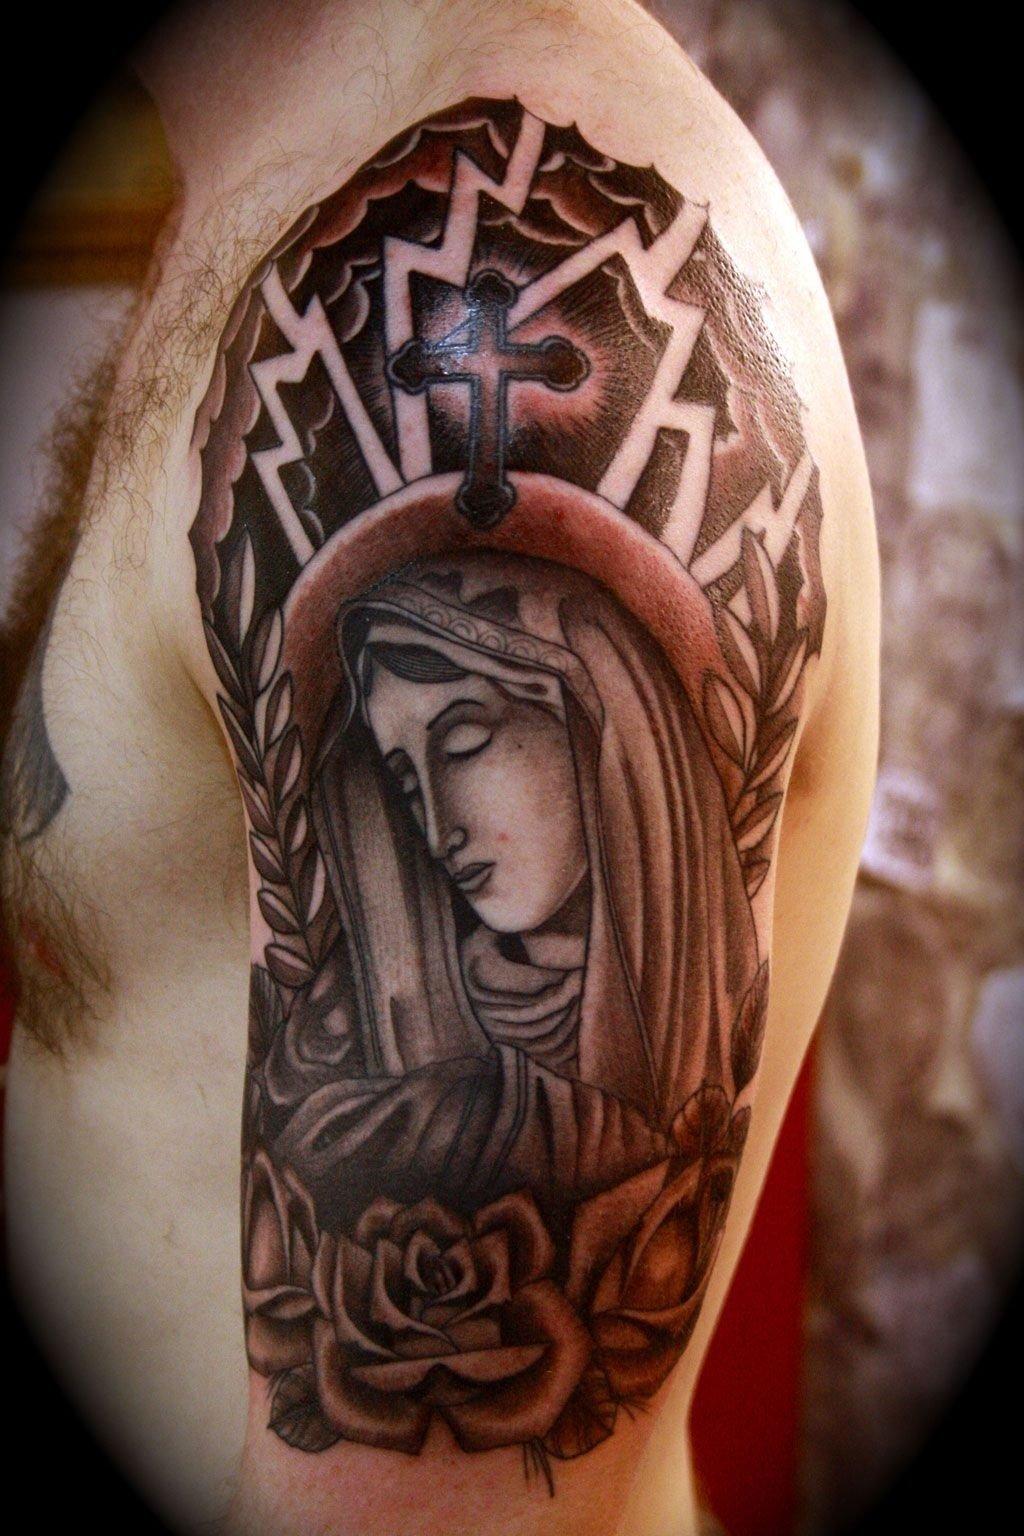 10 Pretty Christian Tattoo Ideas For Men christian tattoo half sleeve x3cbx3echristian tattoosx3c bx3e